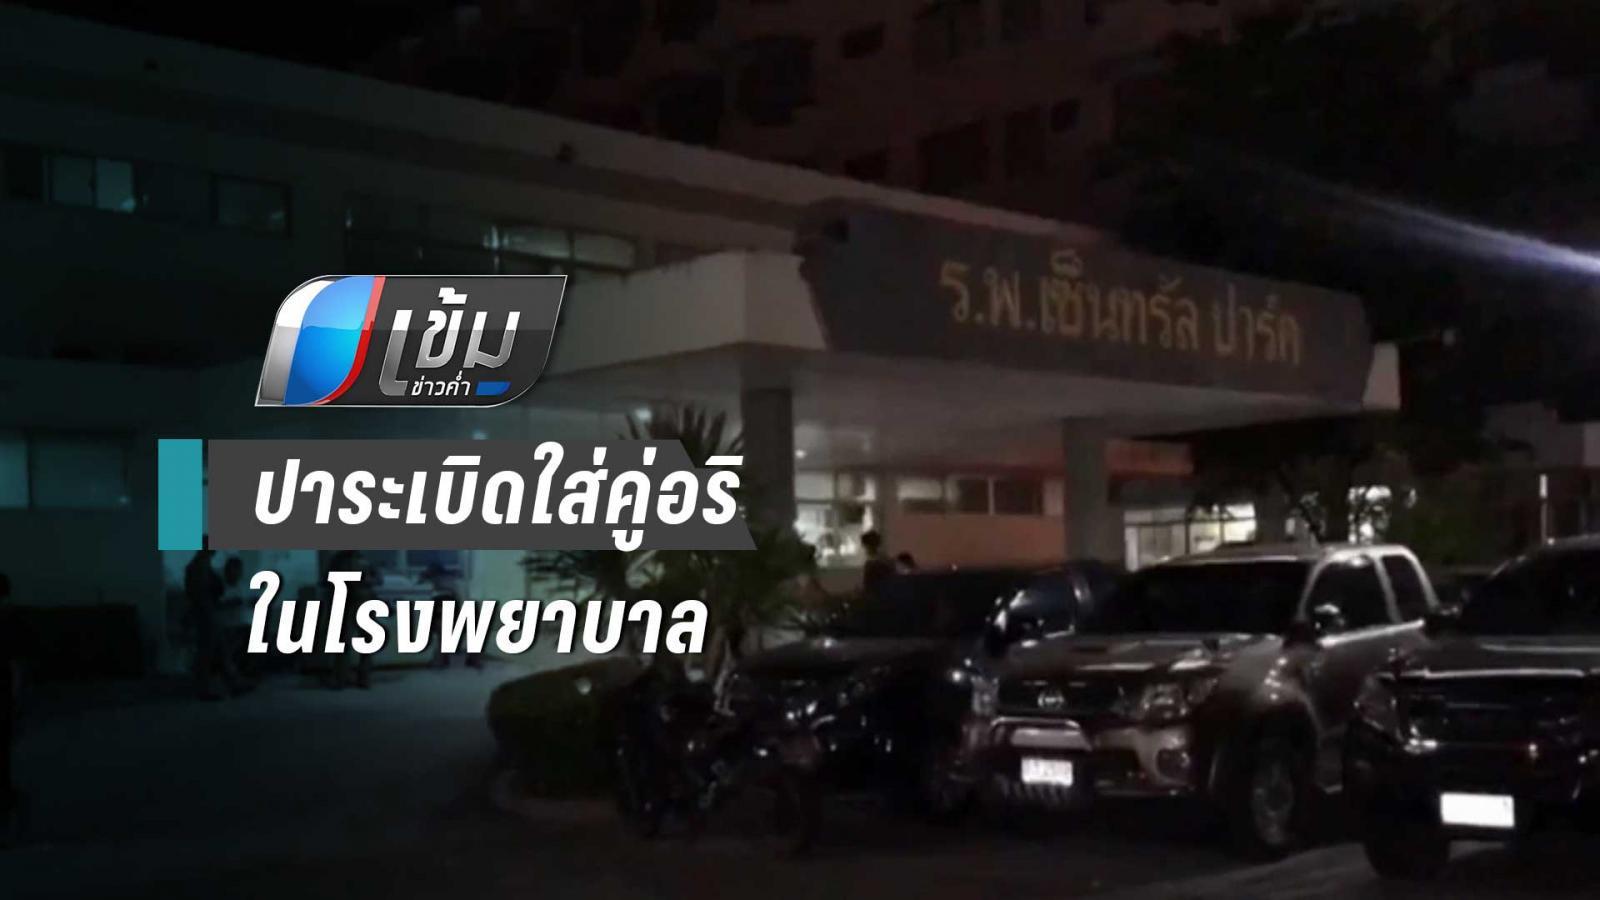 ตร.เร่งล่าวัยรุ่นปาระเบิดใส่คู่อริในโรงพยาบาล